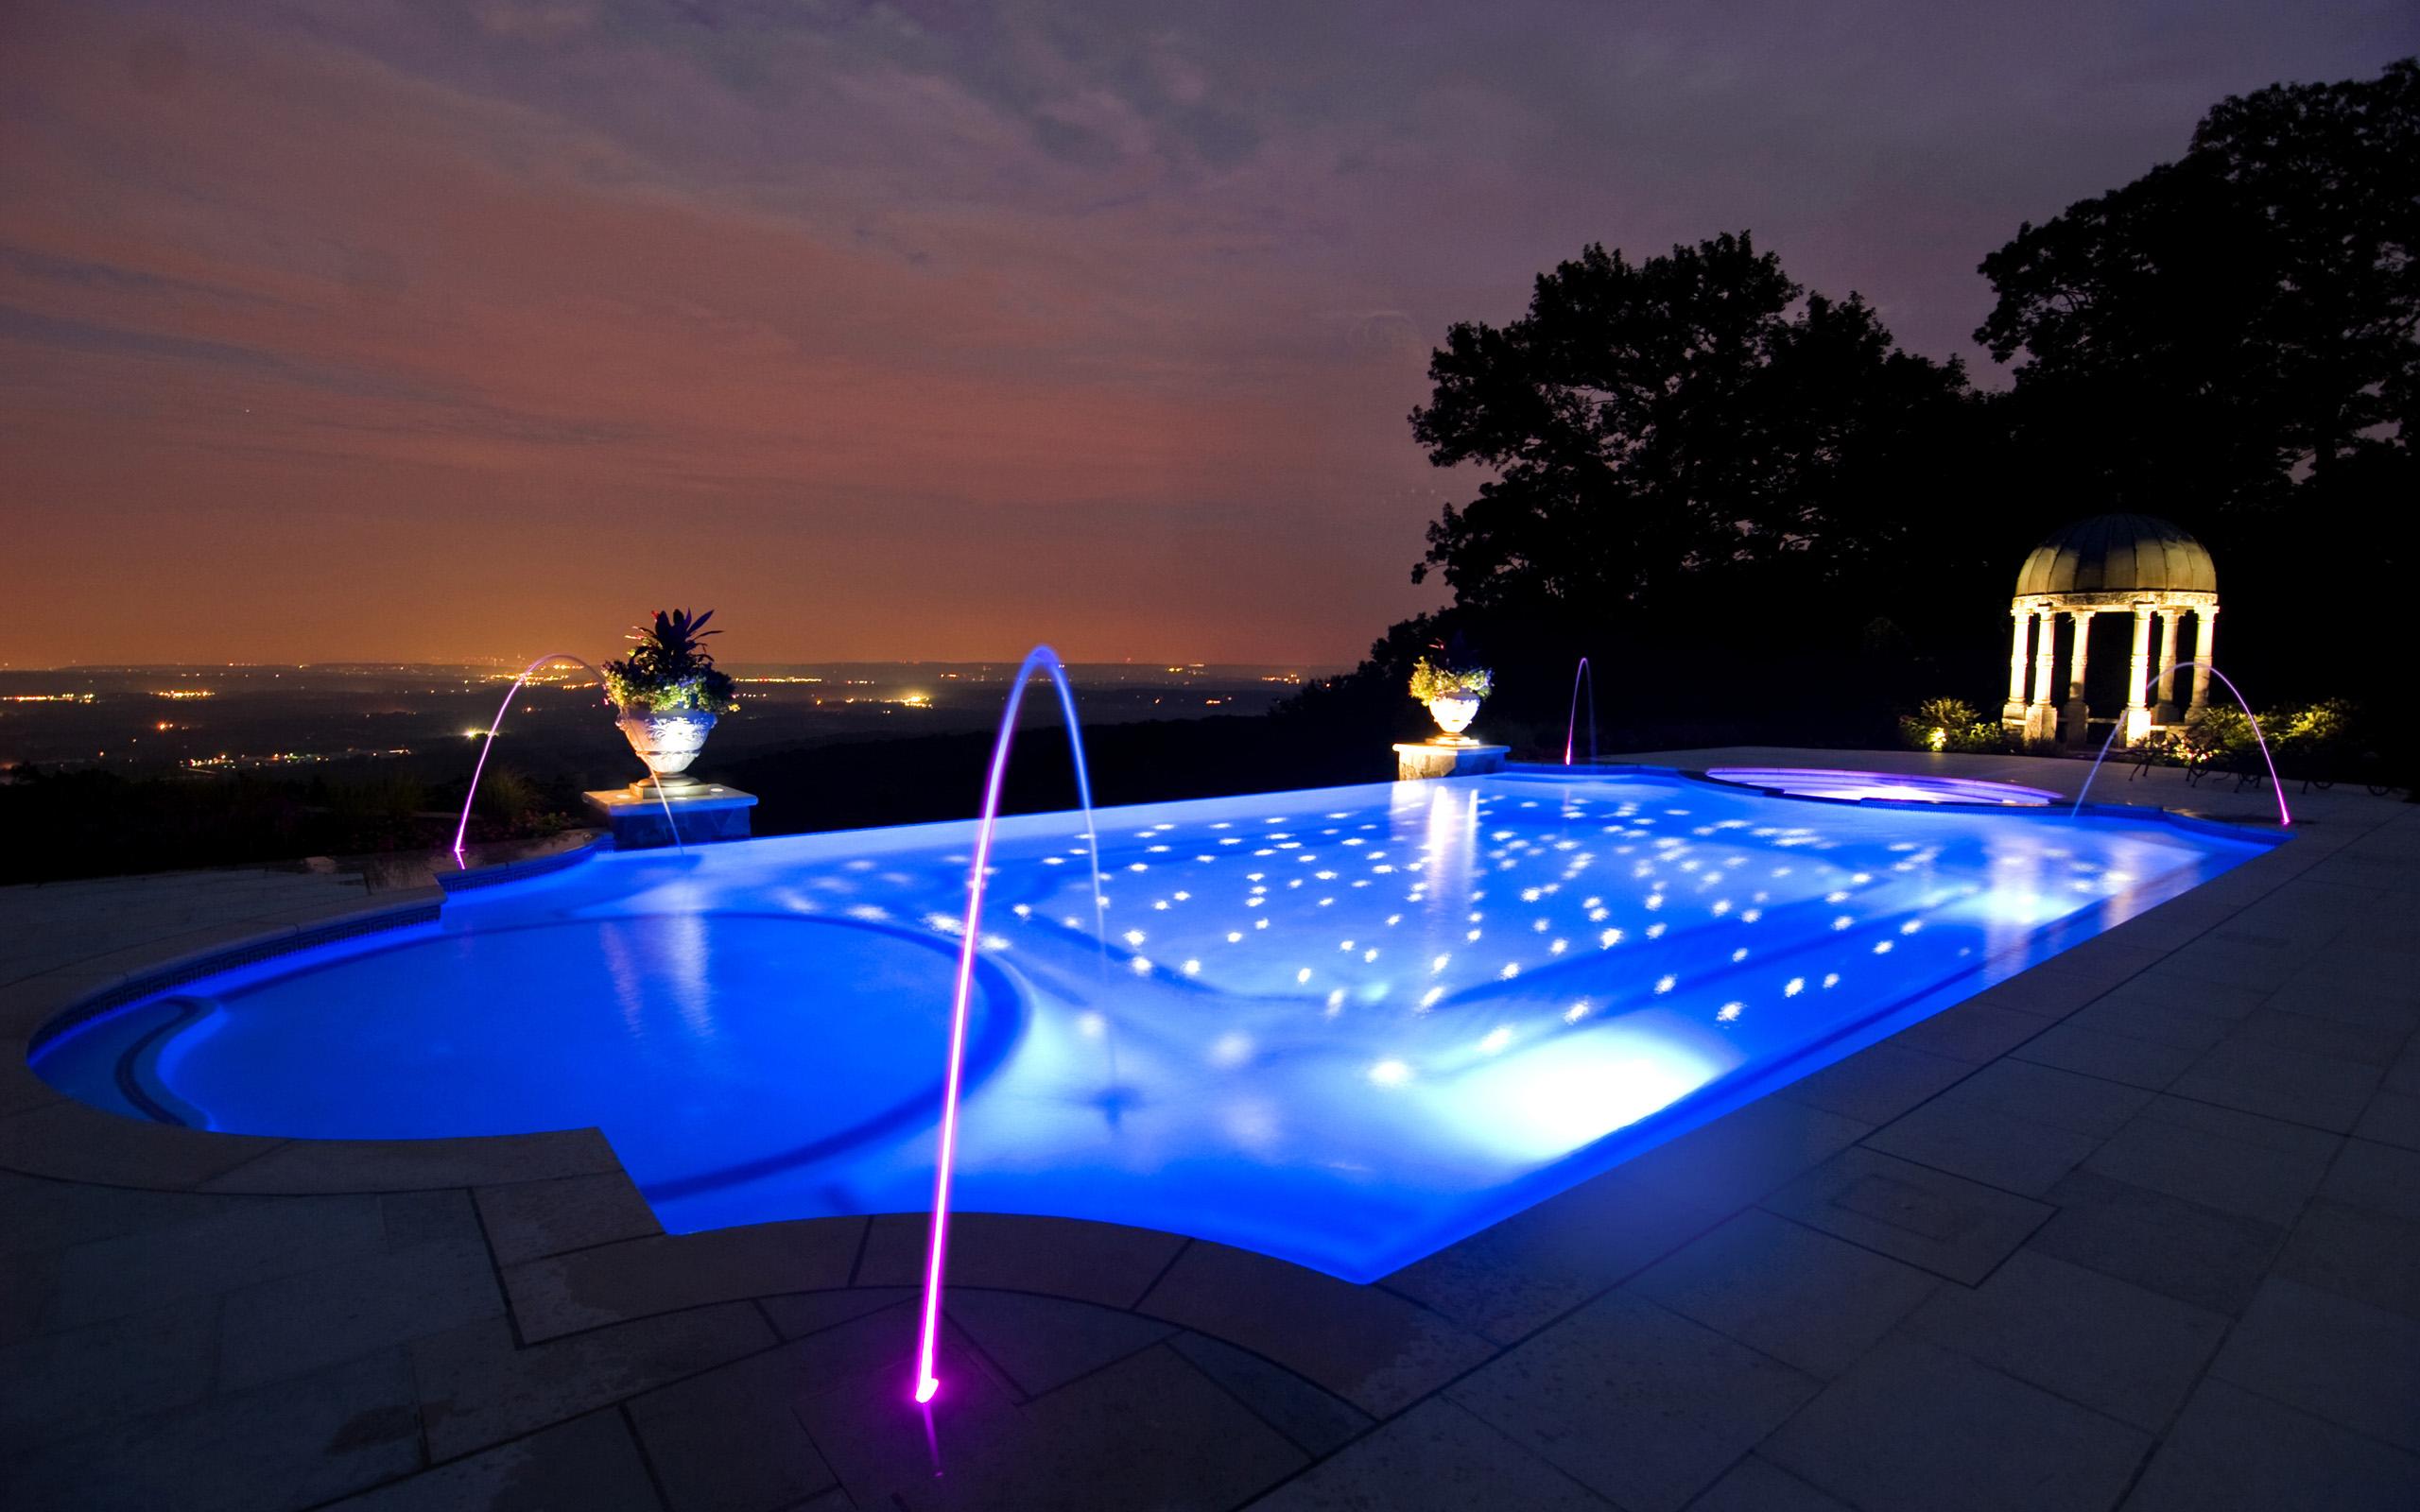 подсветка аквазоны